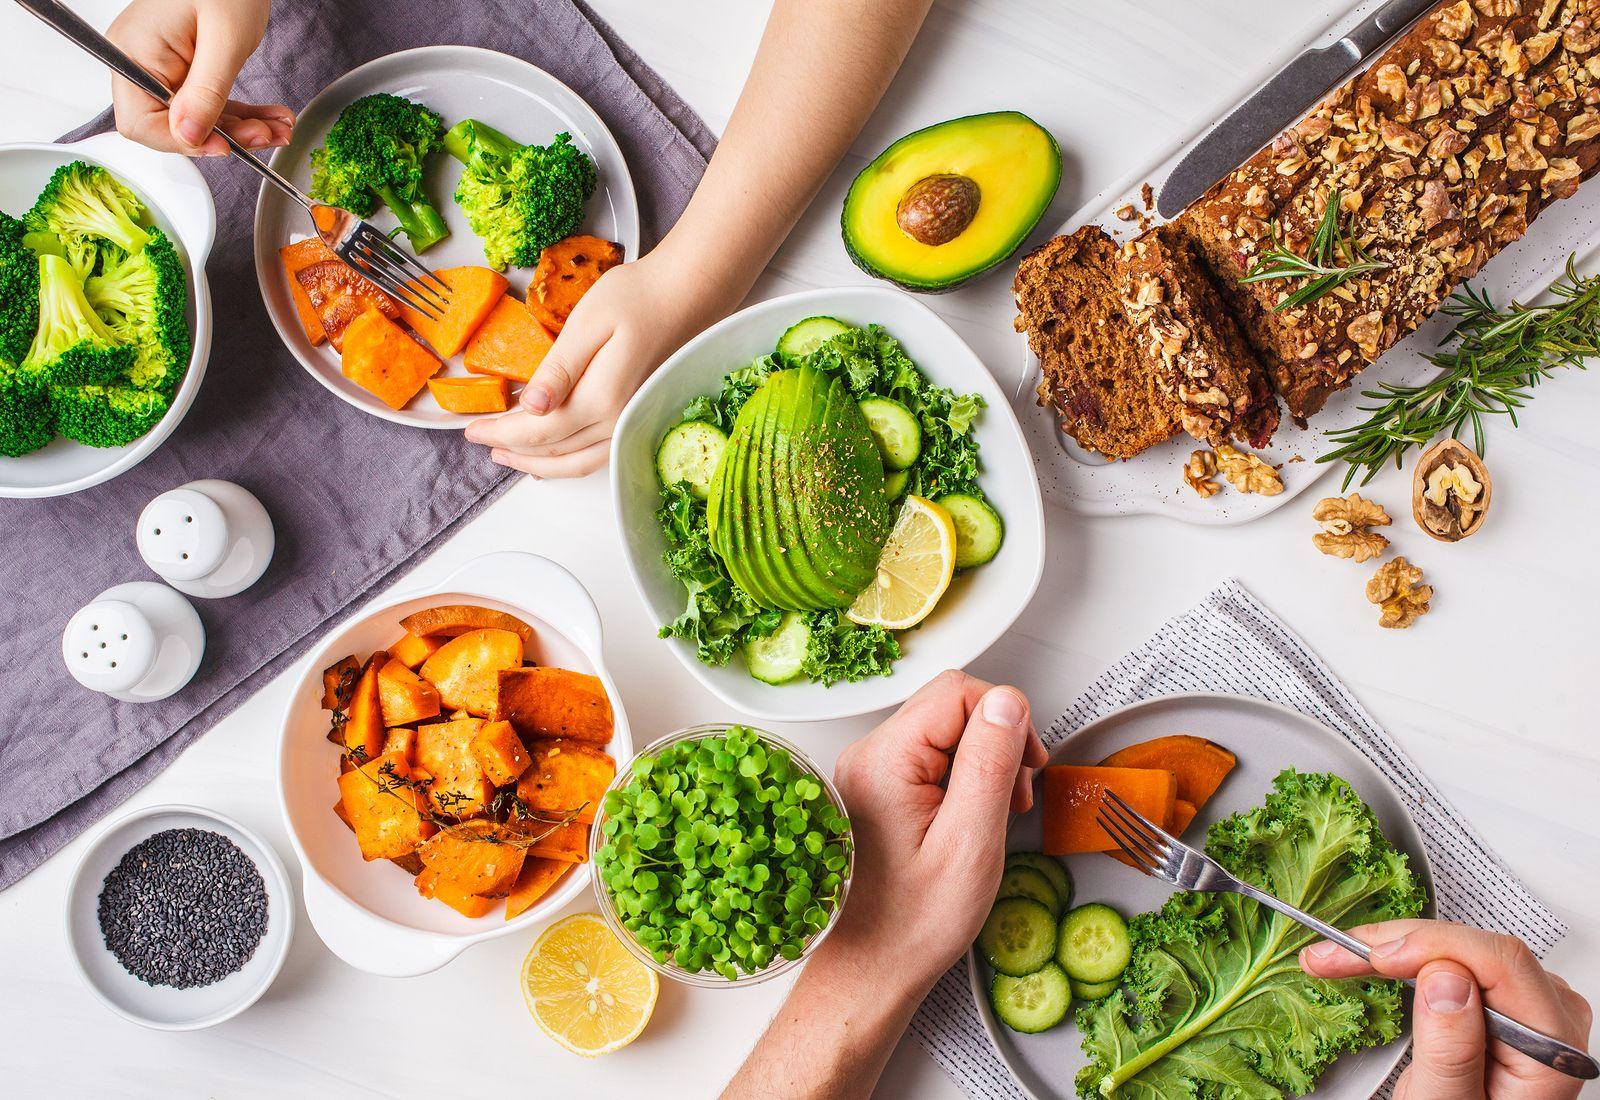 Idea de negocio: Comida saludable